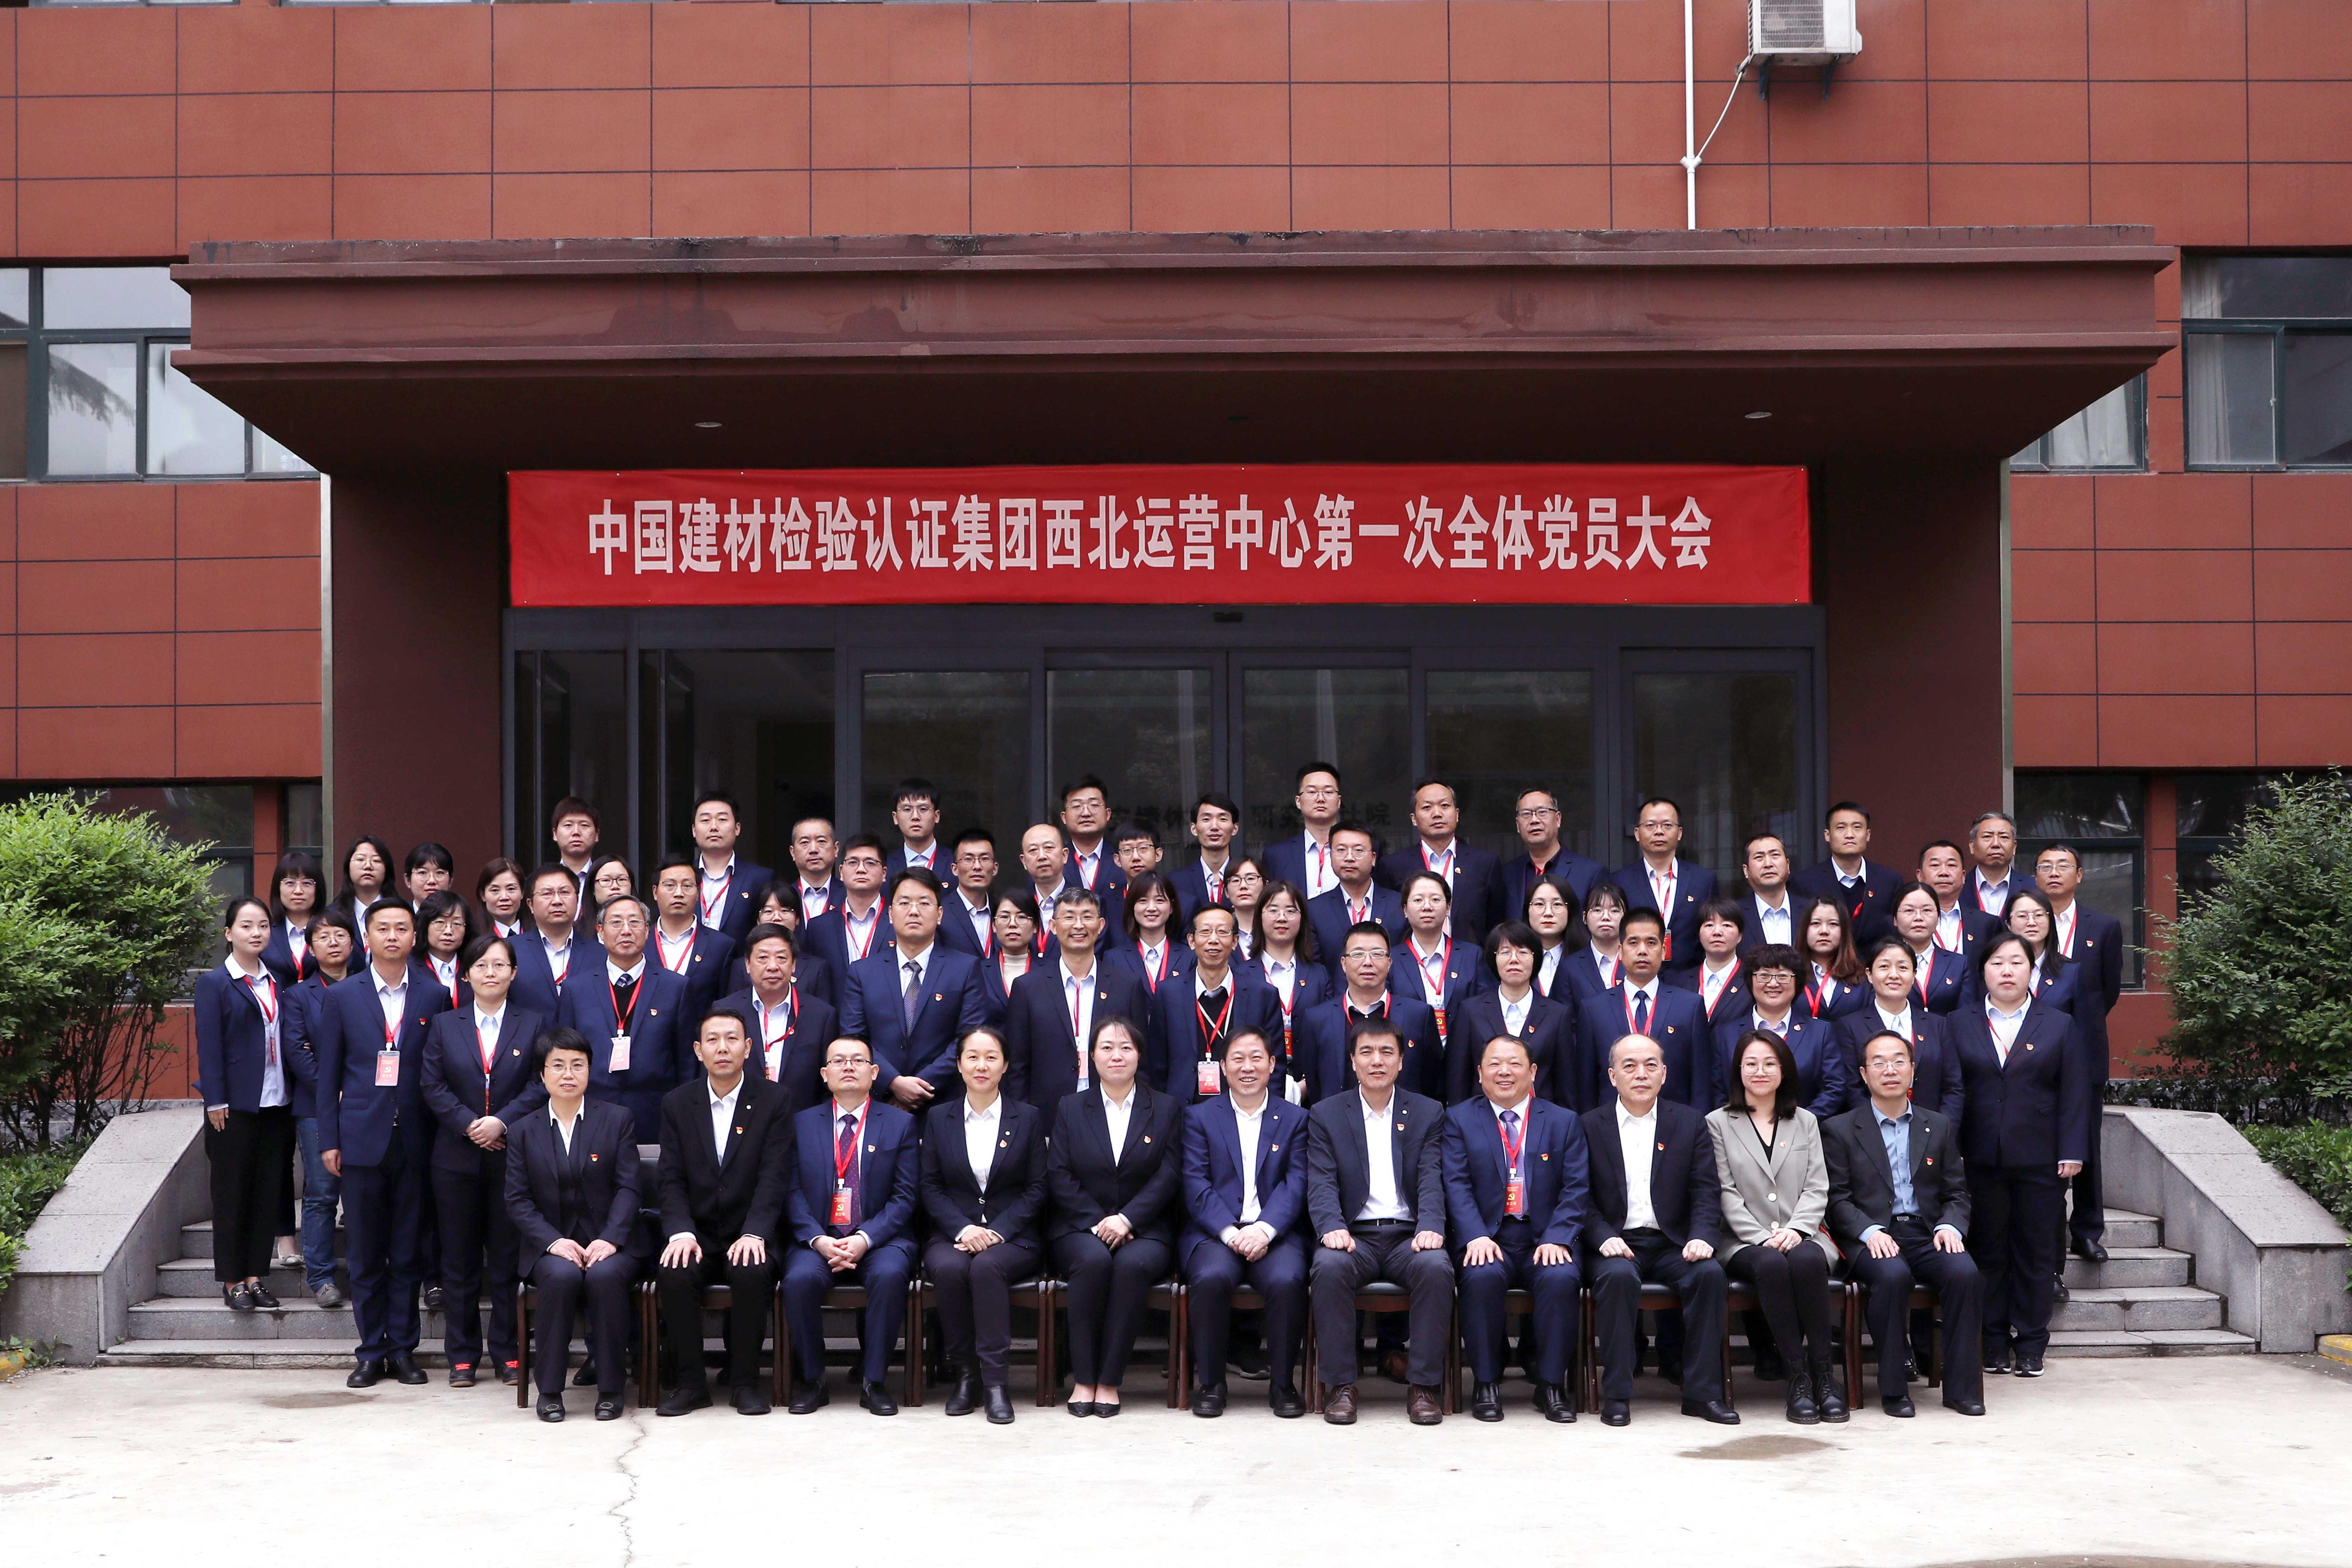 国检集团西北运营中心第一次全体党员大会在西安召开